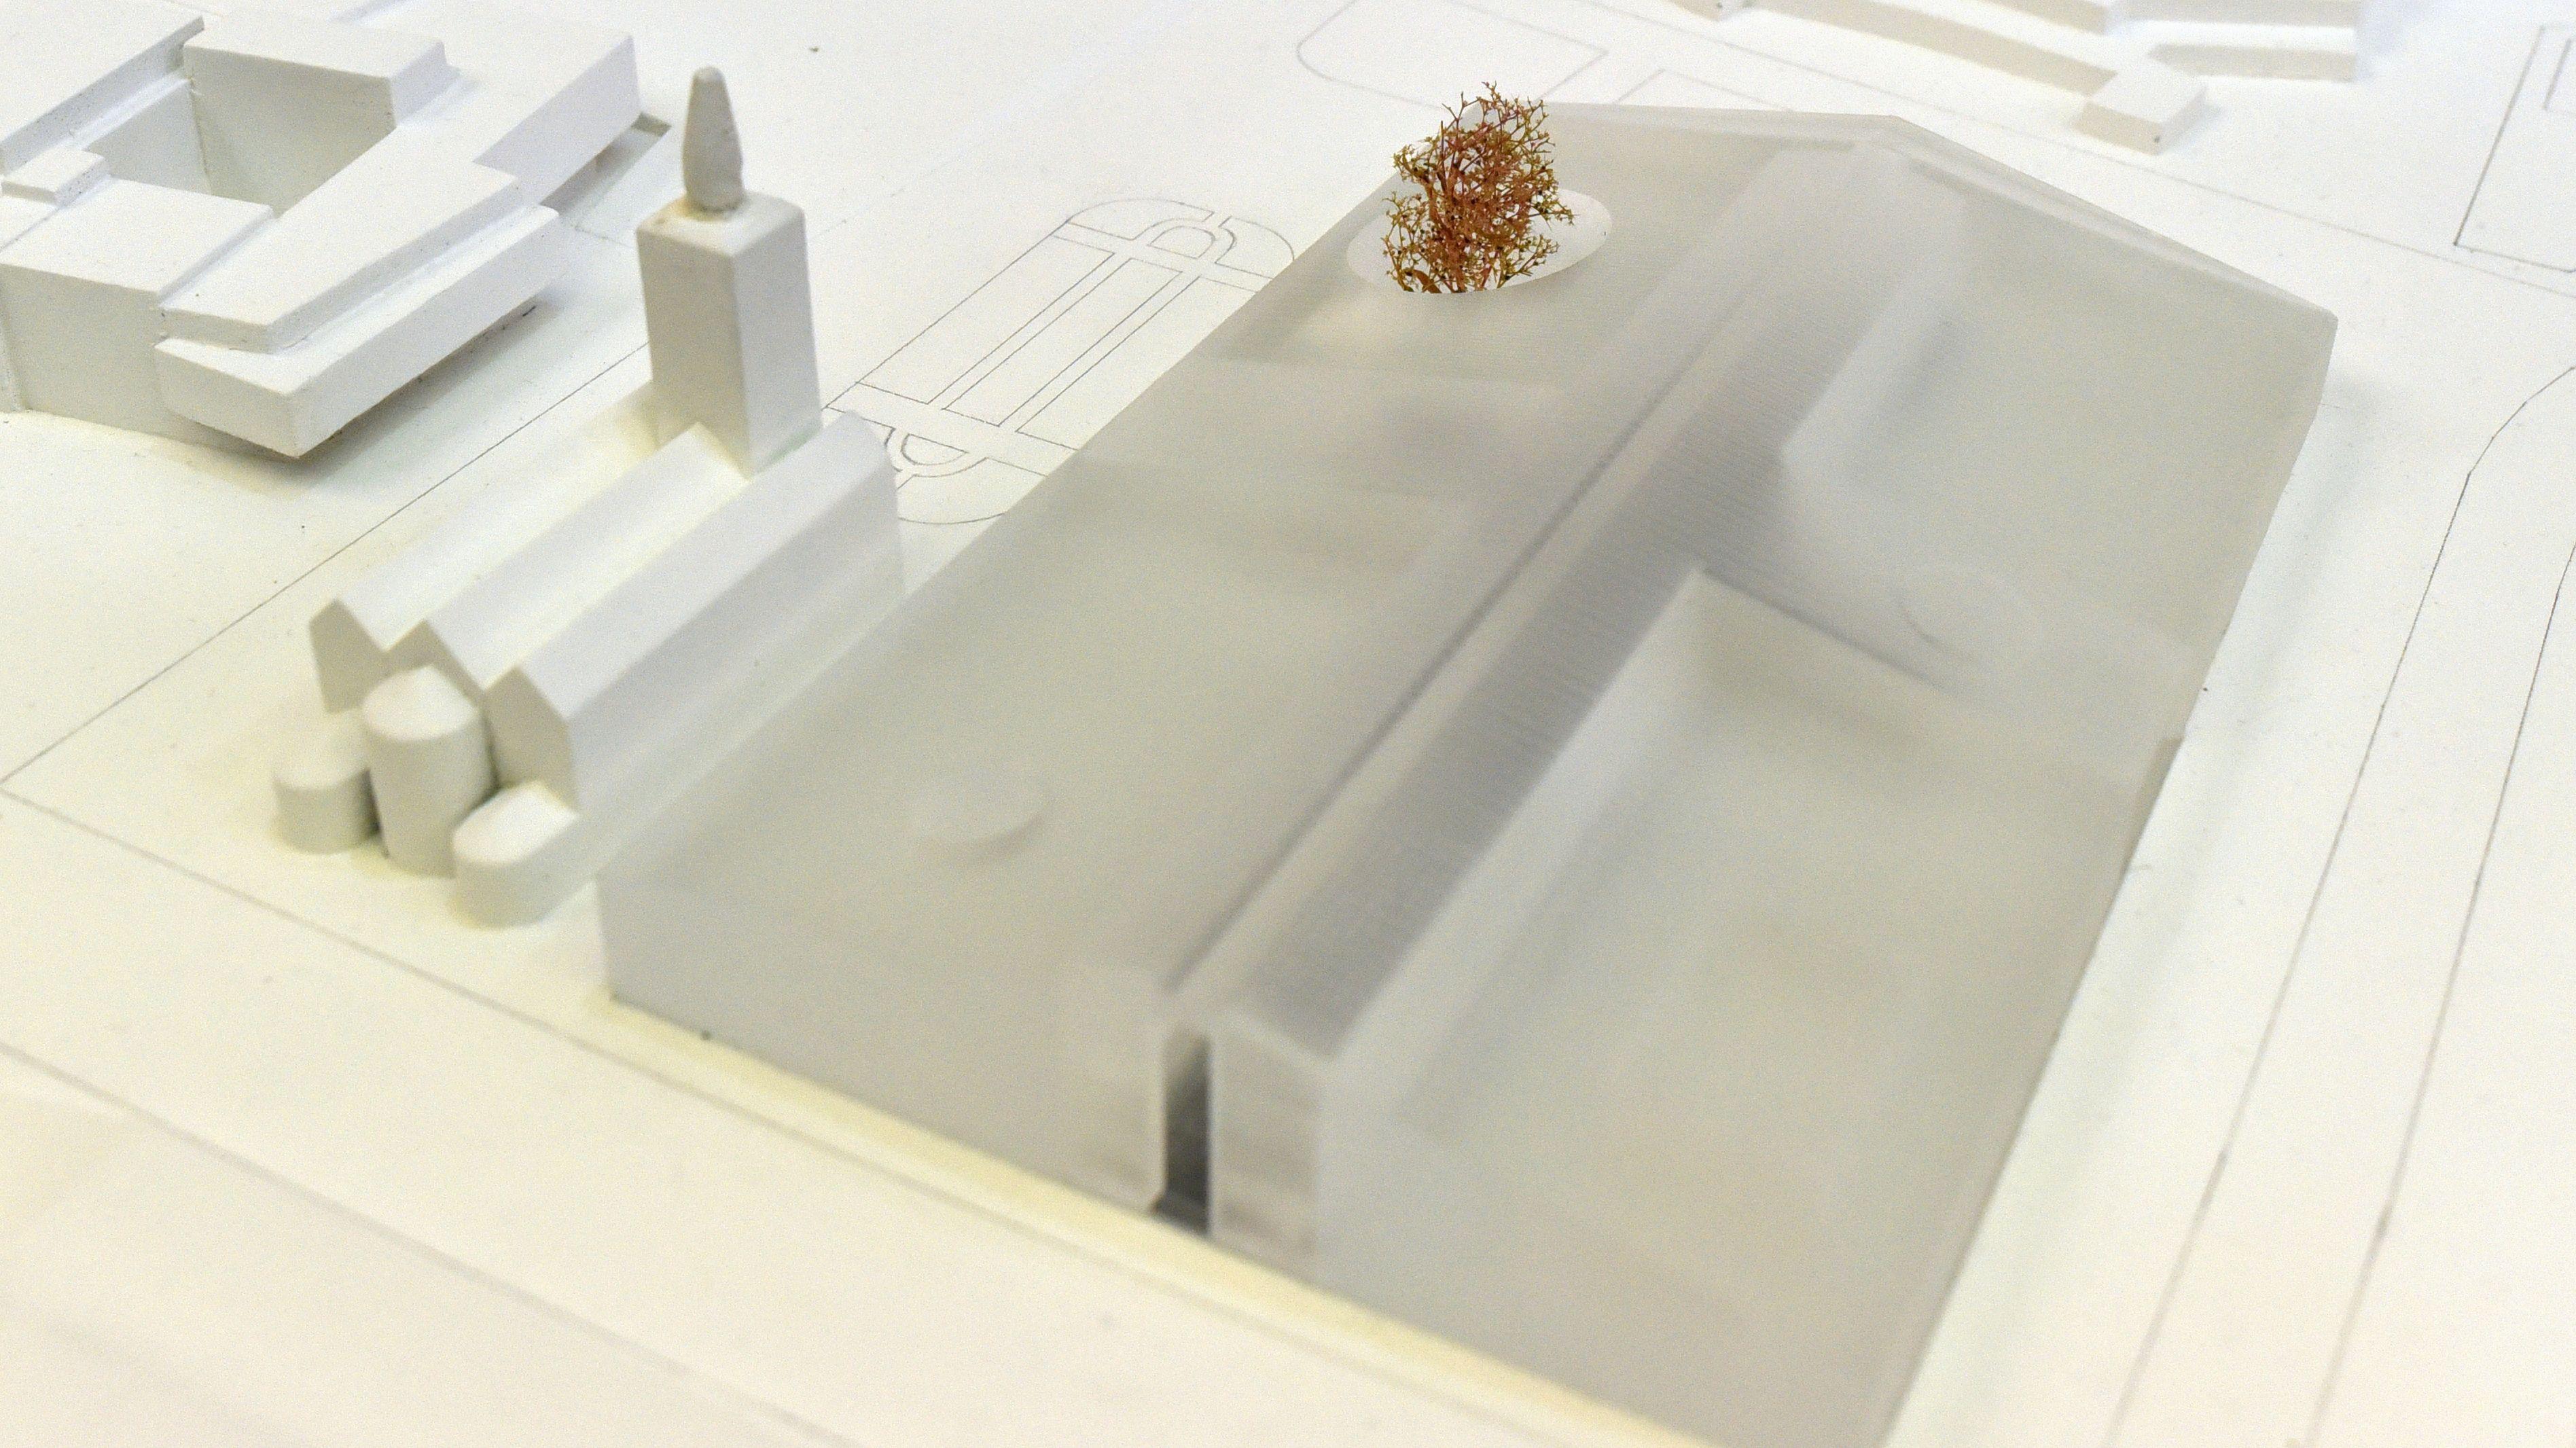 Architekturmodell der Architekten von Herzog & de Meuron für das Museum der Moderne in Berlin